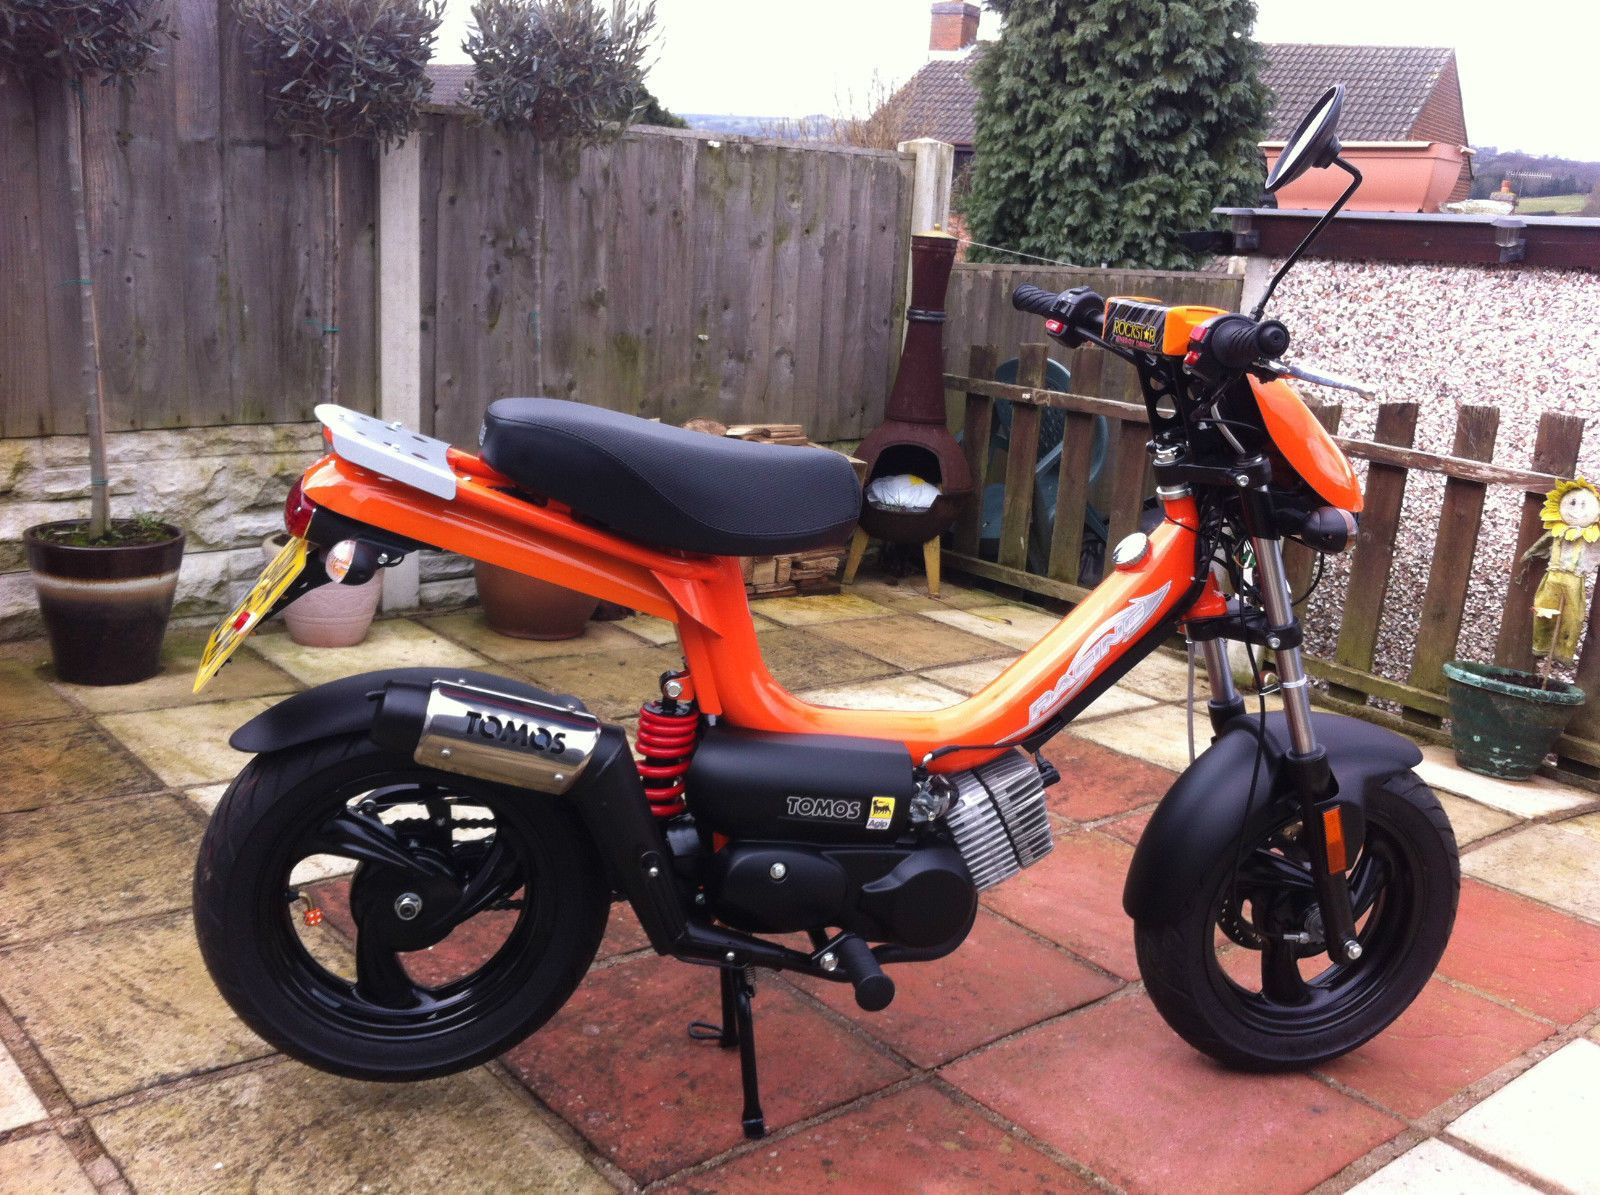 Tomos Racing 50cc Moped 14 Plate 76 Miles Look Look Look Motos Escuela